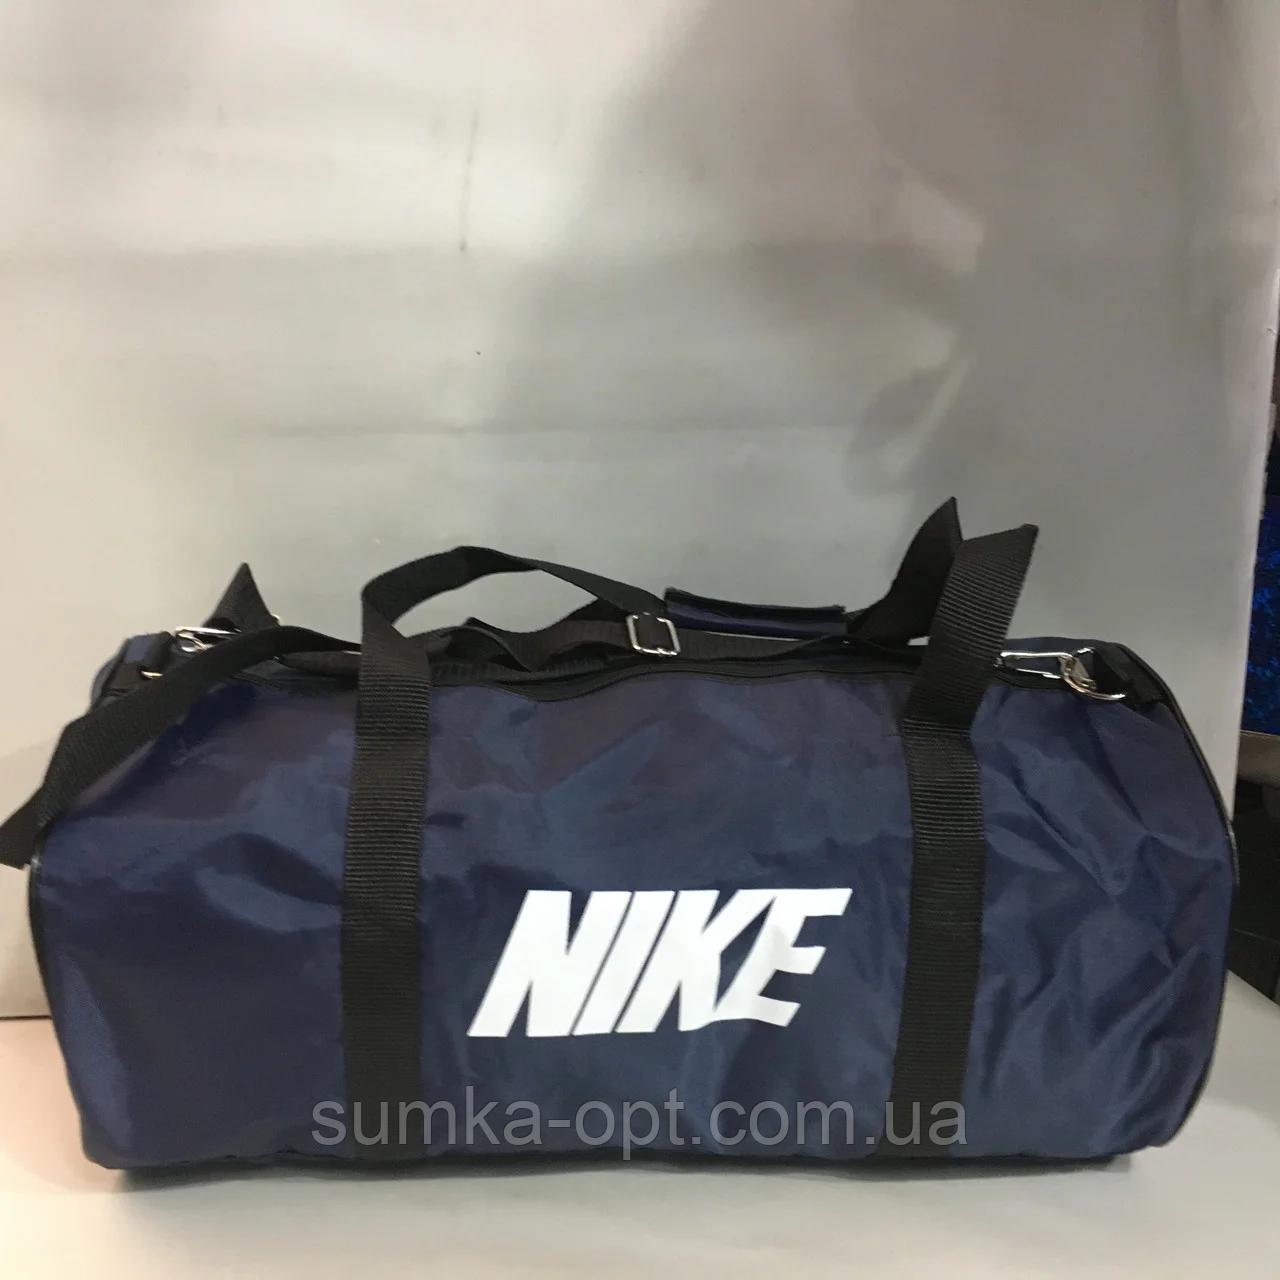 Дорожные спортивные сумки Nike из плащевки (СИНИЙ)24*47см